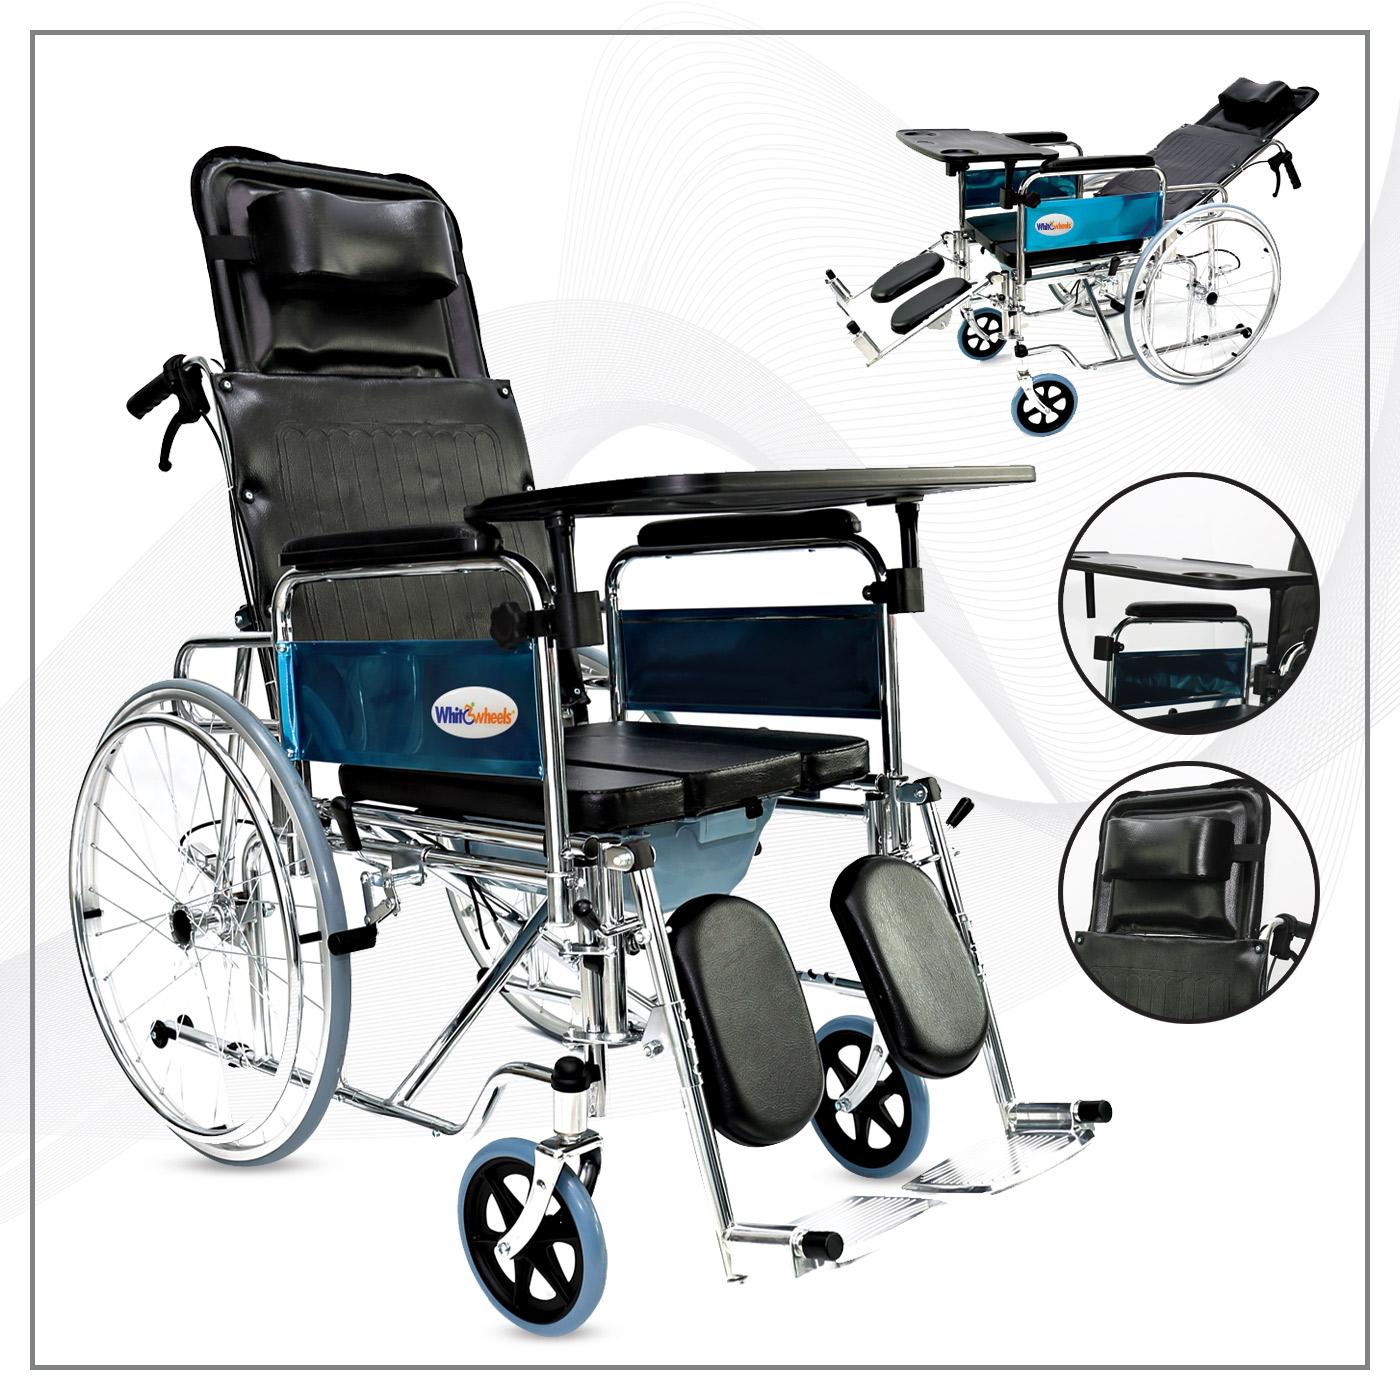 bc Tıp Sağlık Tekerlekli Sandalye ve Oturaklar AL 08-05 A